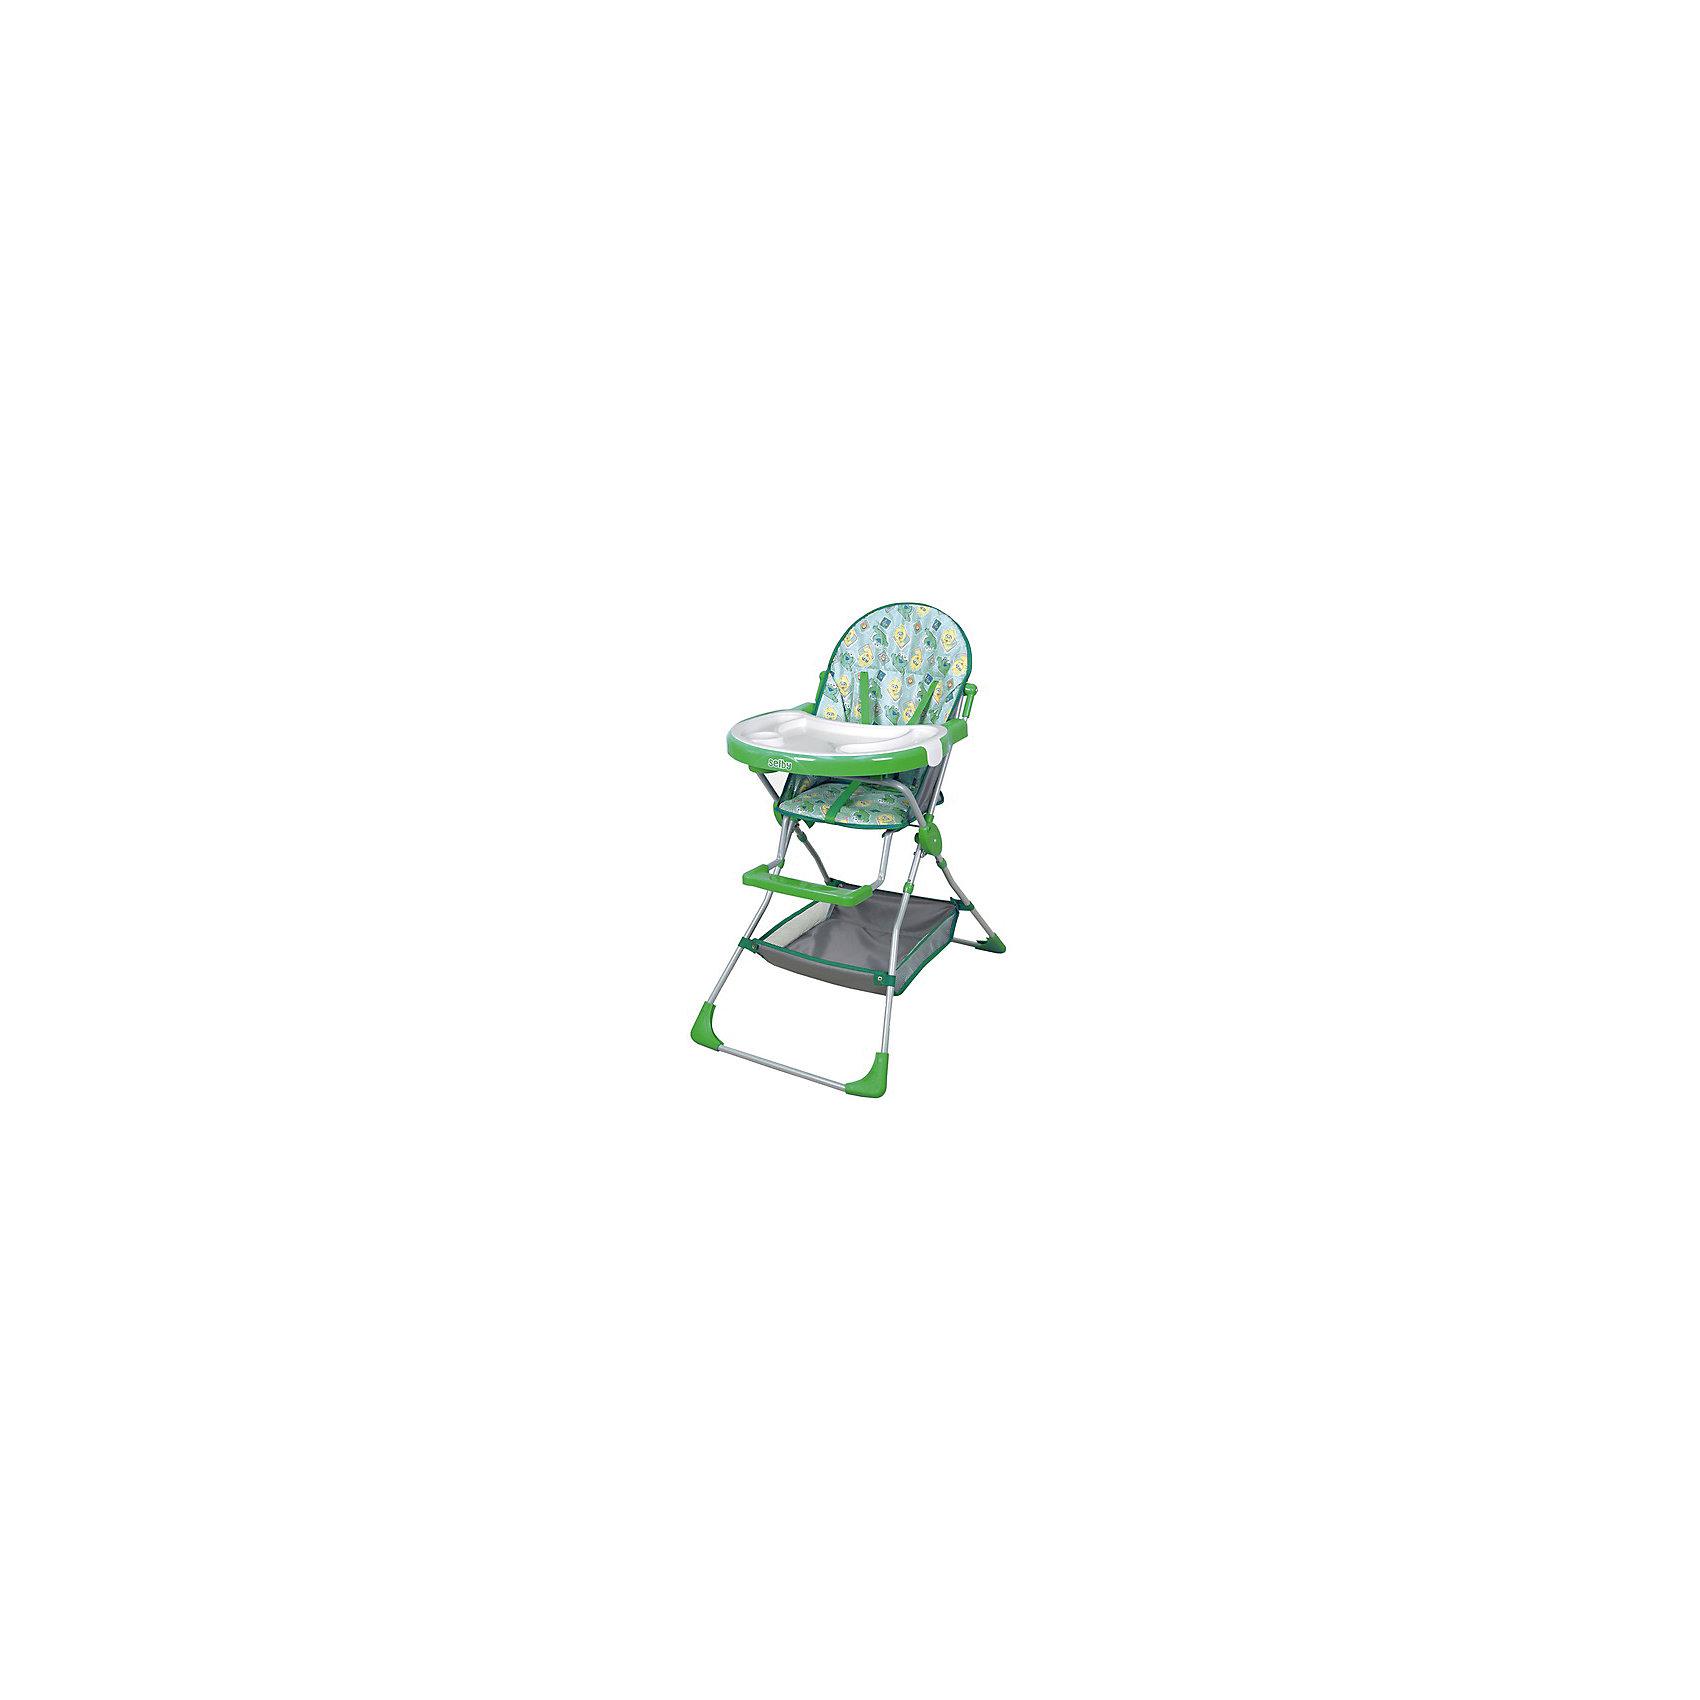 Стульчик для кормления 252 Selby, зеленыйСтульчики для кормления<br>Удобный стульчик для кормления оснащен трехточечными  ремнями безопасности и подставкой для ног. Имеет большой удобный столик, съемный поднос с углублением для посуды и корзинку для принадлежностей. Легкая устойчивая конструкция и съемное моющееся сидение удобны в использовании и уходе.<br><br>Дополнительная информация:<br><br>- Материал: пластик, ПЭ, металл.<br>- Размер: 73,5 х 53 х 100,5 см.<br>- Вес: 5,10 кг.<br>- Цвет: зеленый.<br>- Пятиточечный ремень безопасности.<br>- Съемный поднос с углублением для посуды<br>- Подставка для ног.<br>- Съемное моющееся сидение.<br>- Корзинка для принадлежностей.<br><br>Стульчик для кормления 252 Selby, зеленый, можно купить в нашем магазине.<br><br>Ширина мм: 125<br>Глубина мм: 800<br>Высота мм: 500<br>Вес г: 6350<br>Возраст от месяцев: 6<br>Возраст до месяцев: 36<br>Пол: Унисекс<br>Возраст: Детский<br>SKU: 4067752